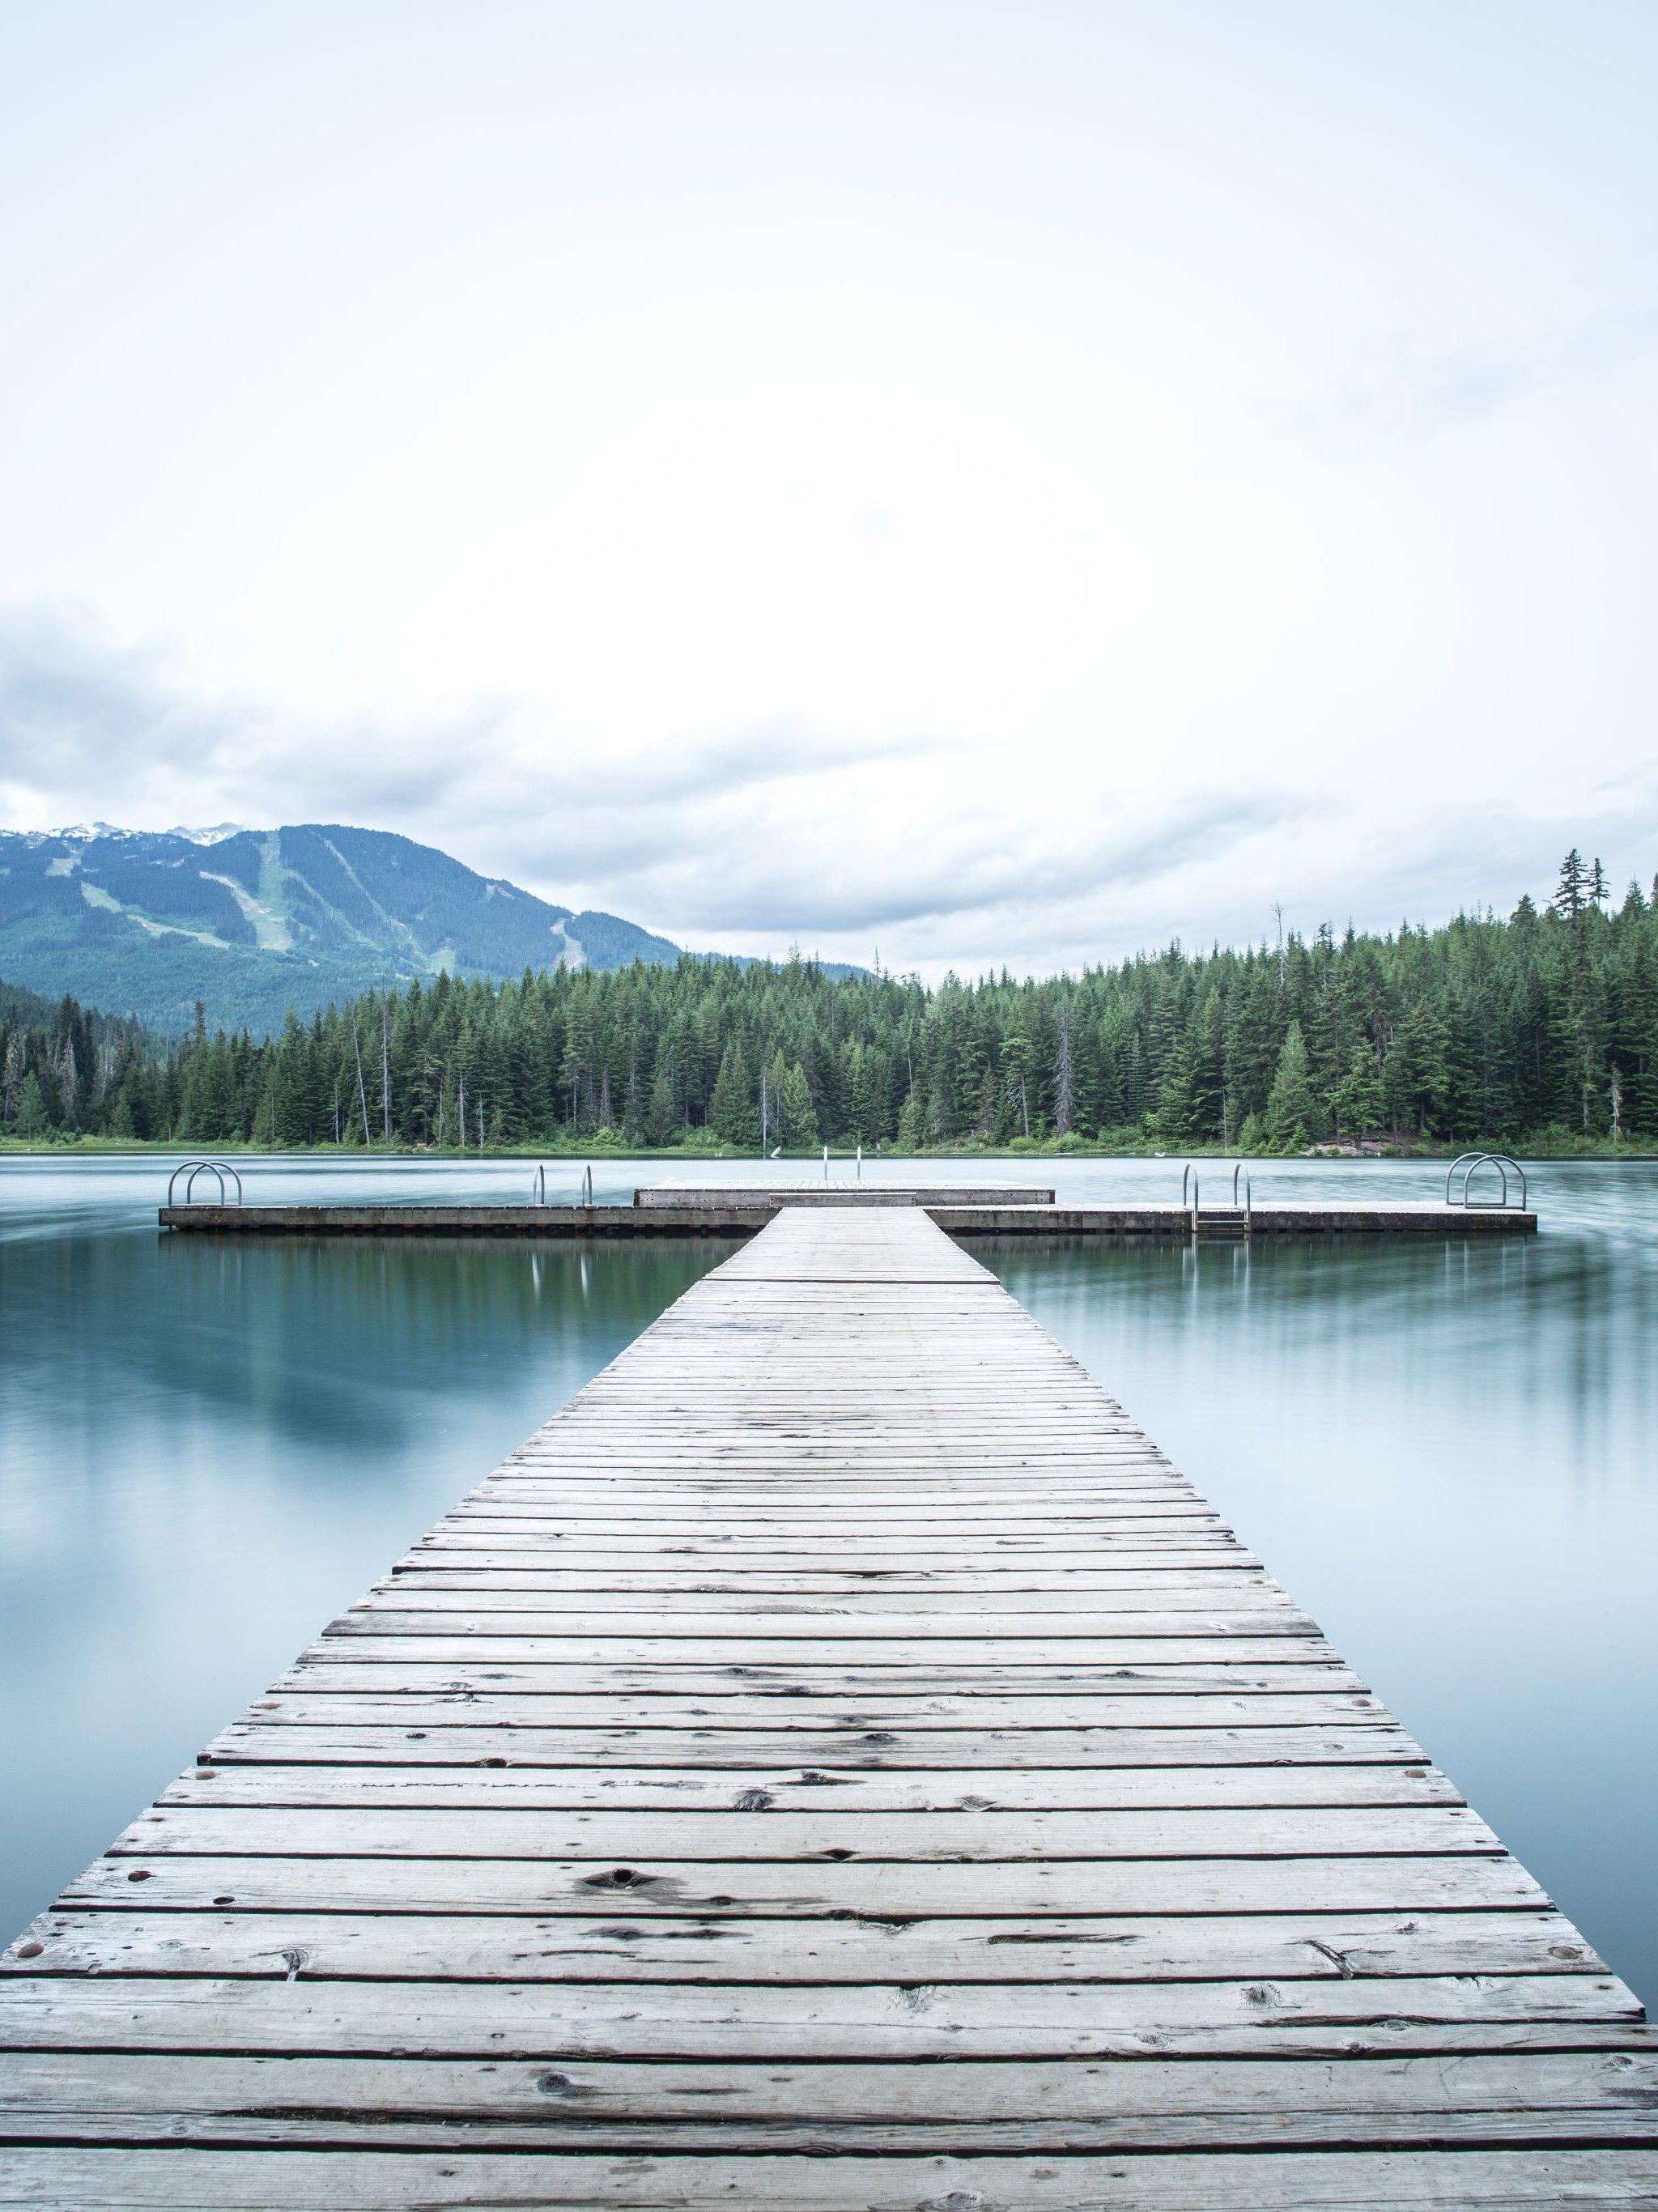 Mountain Lake Wallpaper - iPhone, Android & Desktop ...Lake Water Wallpaper